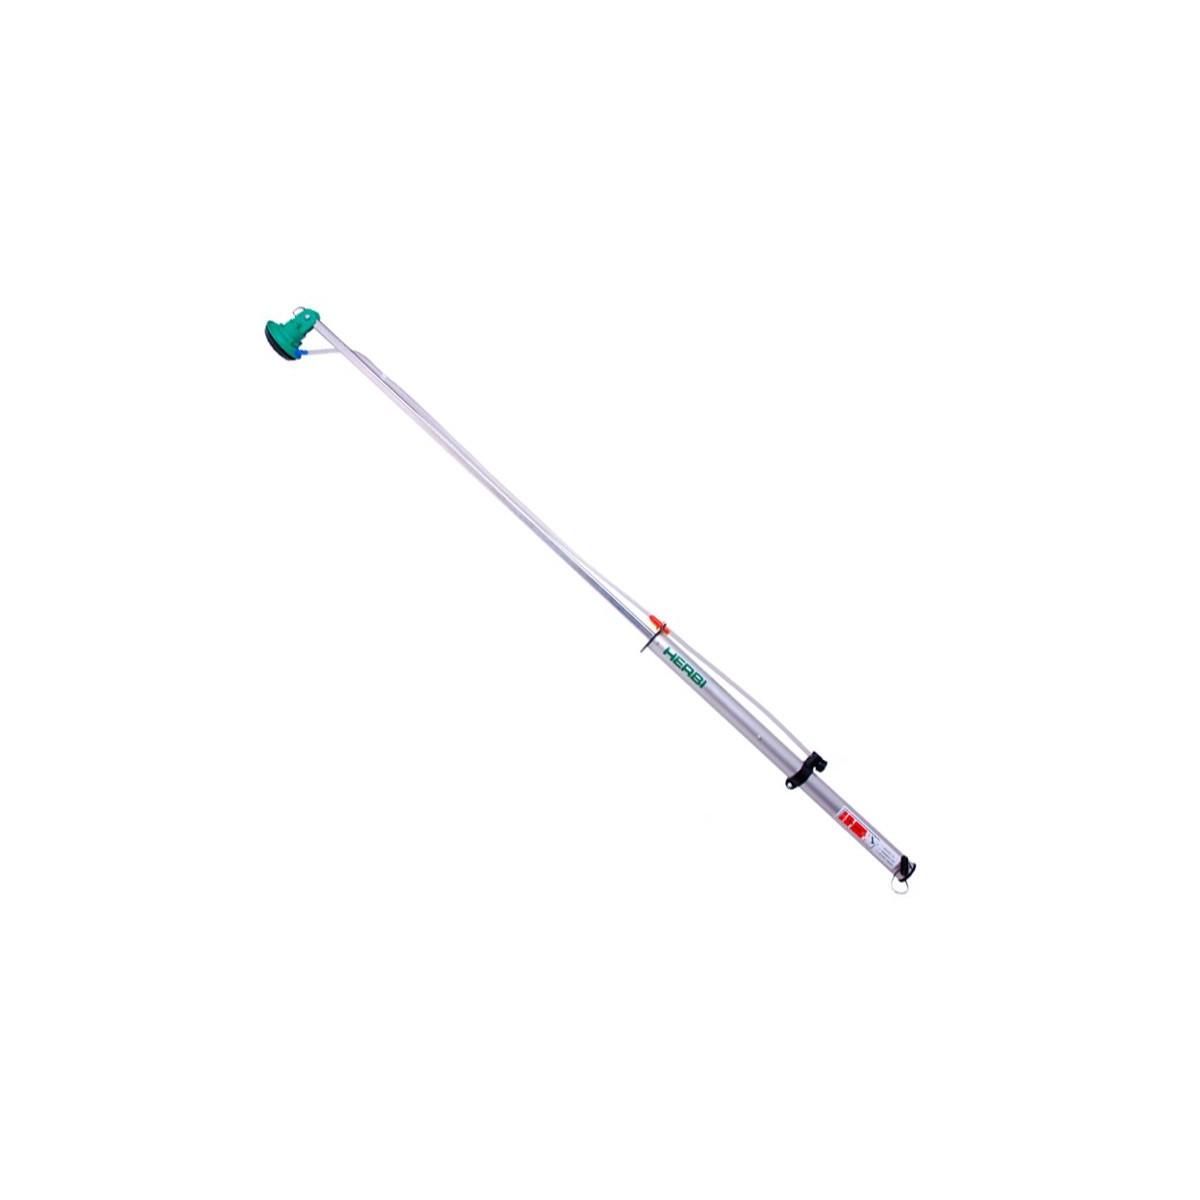 Matabi lanza herbi-4